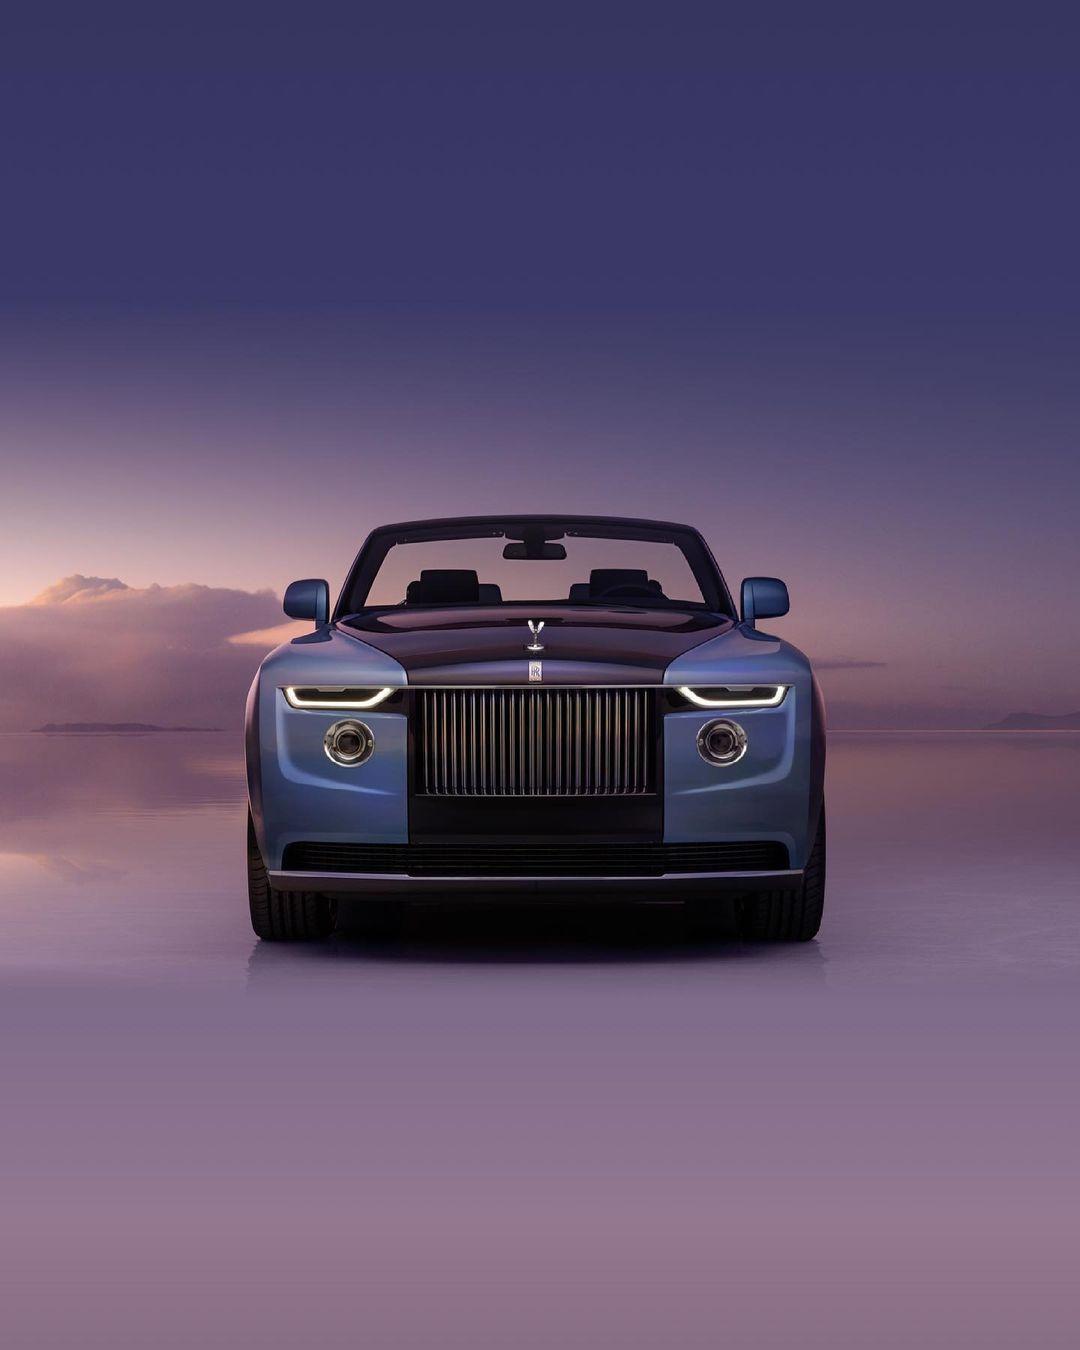 Бейонсе и Джей-Зи приобрели Rolls-Royce Boat Tail за $28 млн – самое дорогое авто в мире